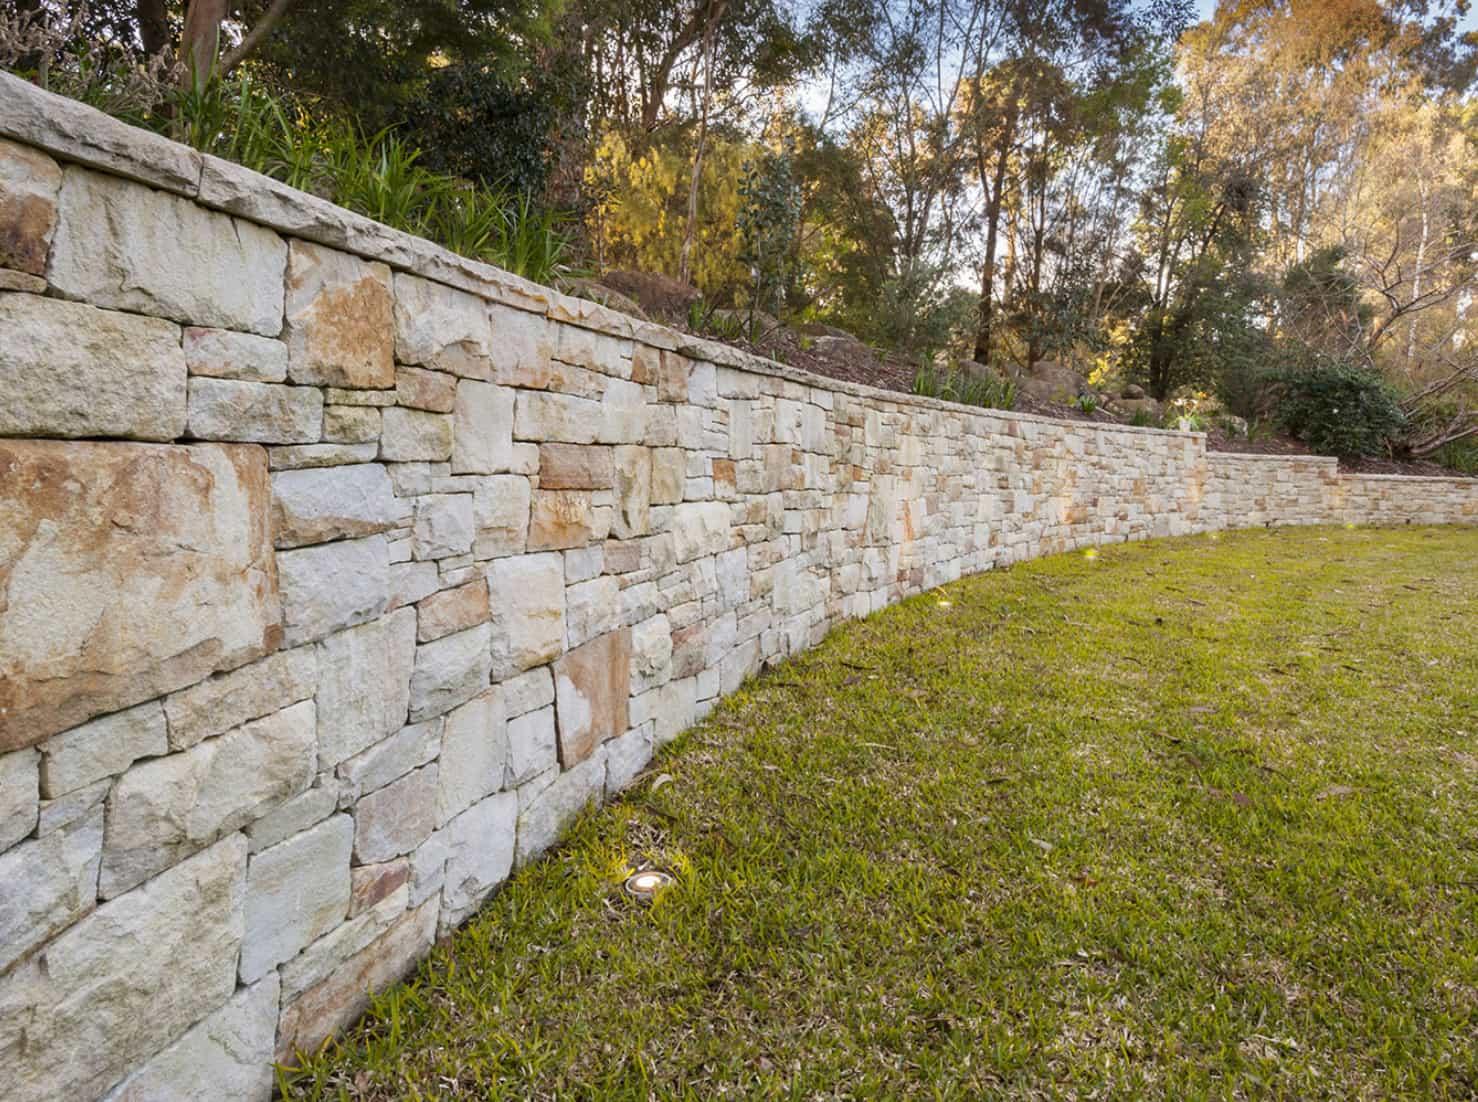 bellevue Washington retaining walls Bellevue